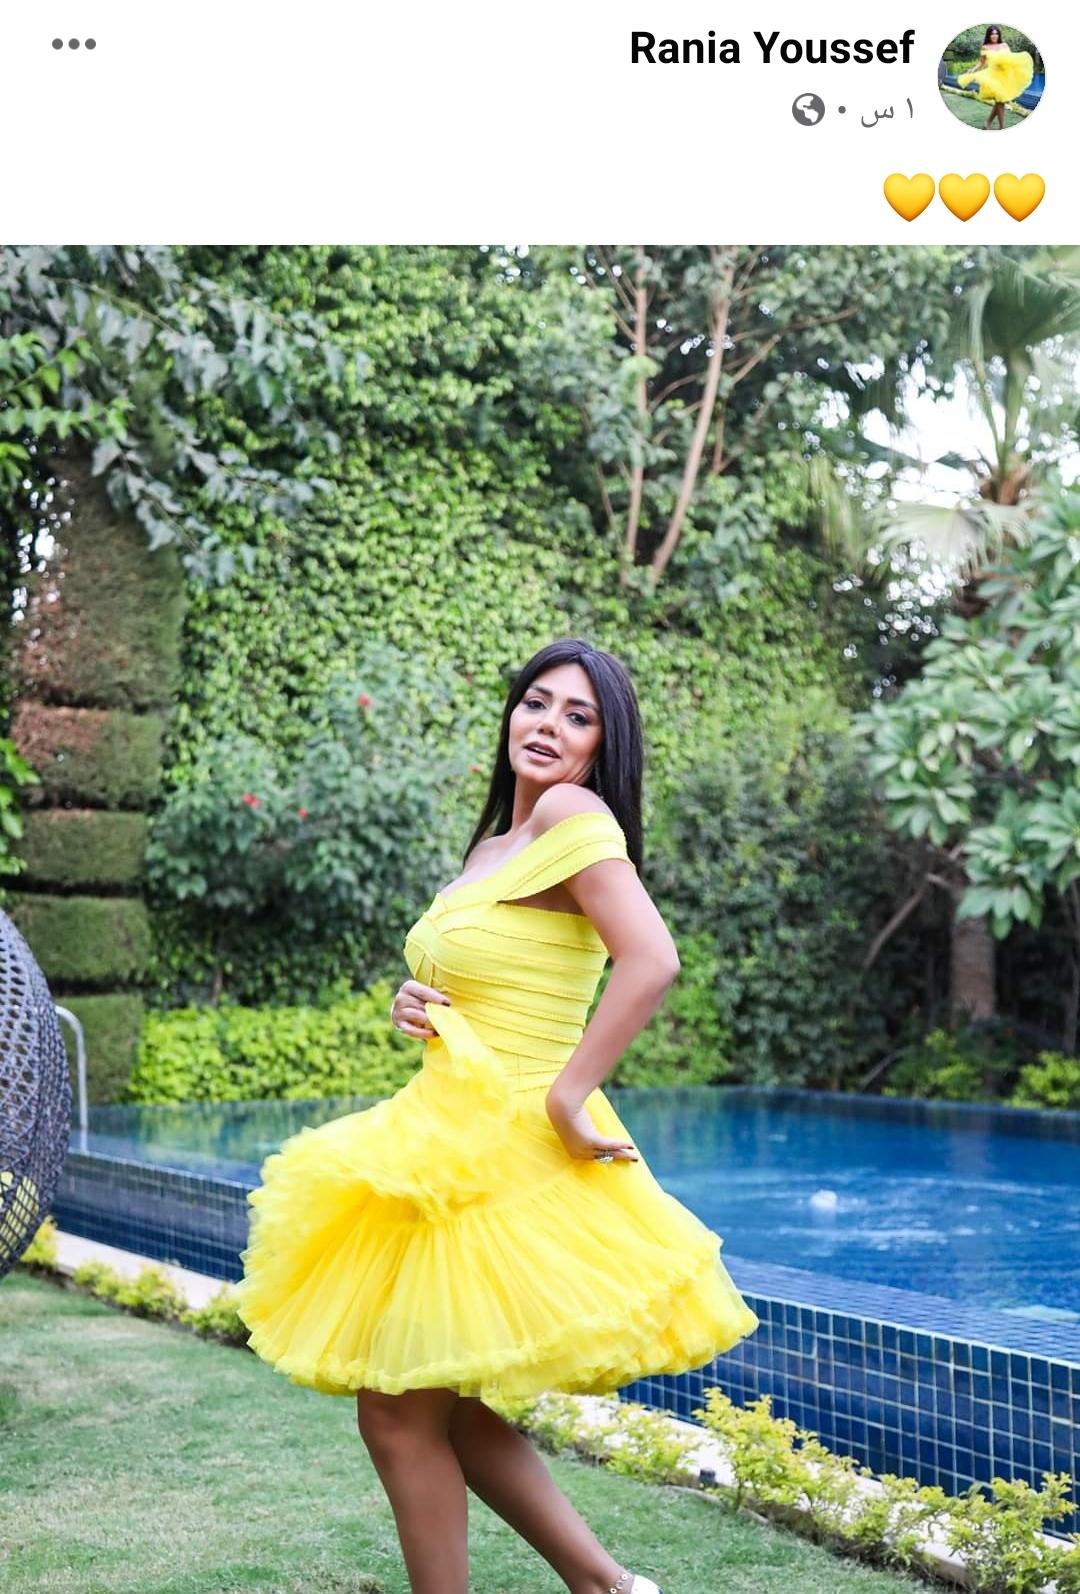 رانيا يوسف جابت من الأخر ولبست فستان شفاف - إتفرج